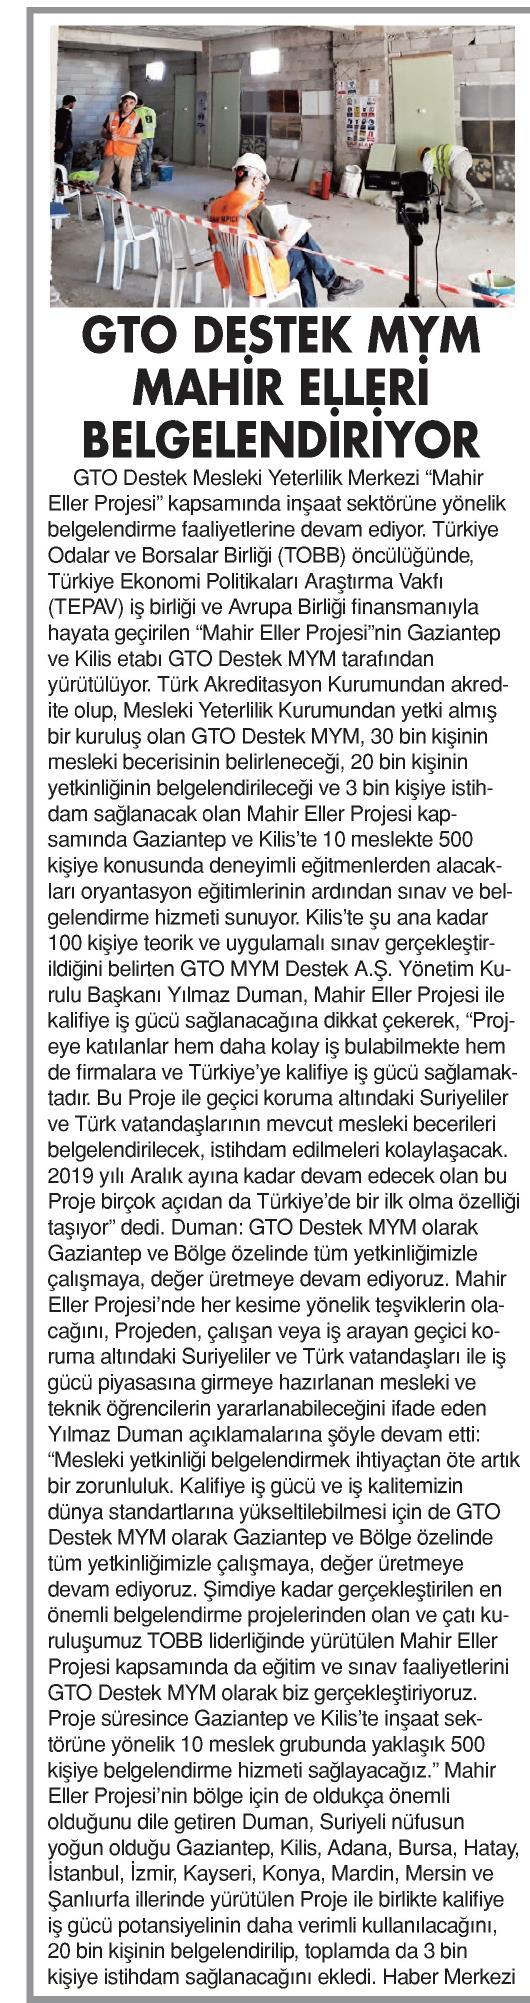 GTO Destek MYM Mahir Elleri Belgelendiriyor Metropol